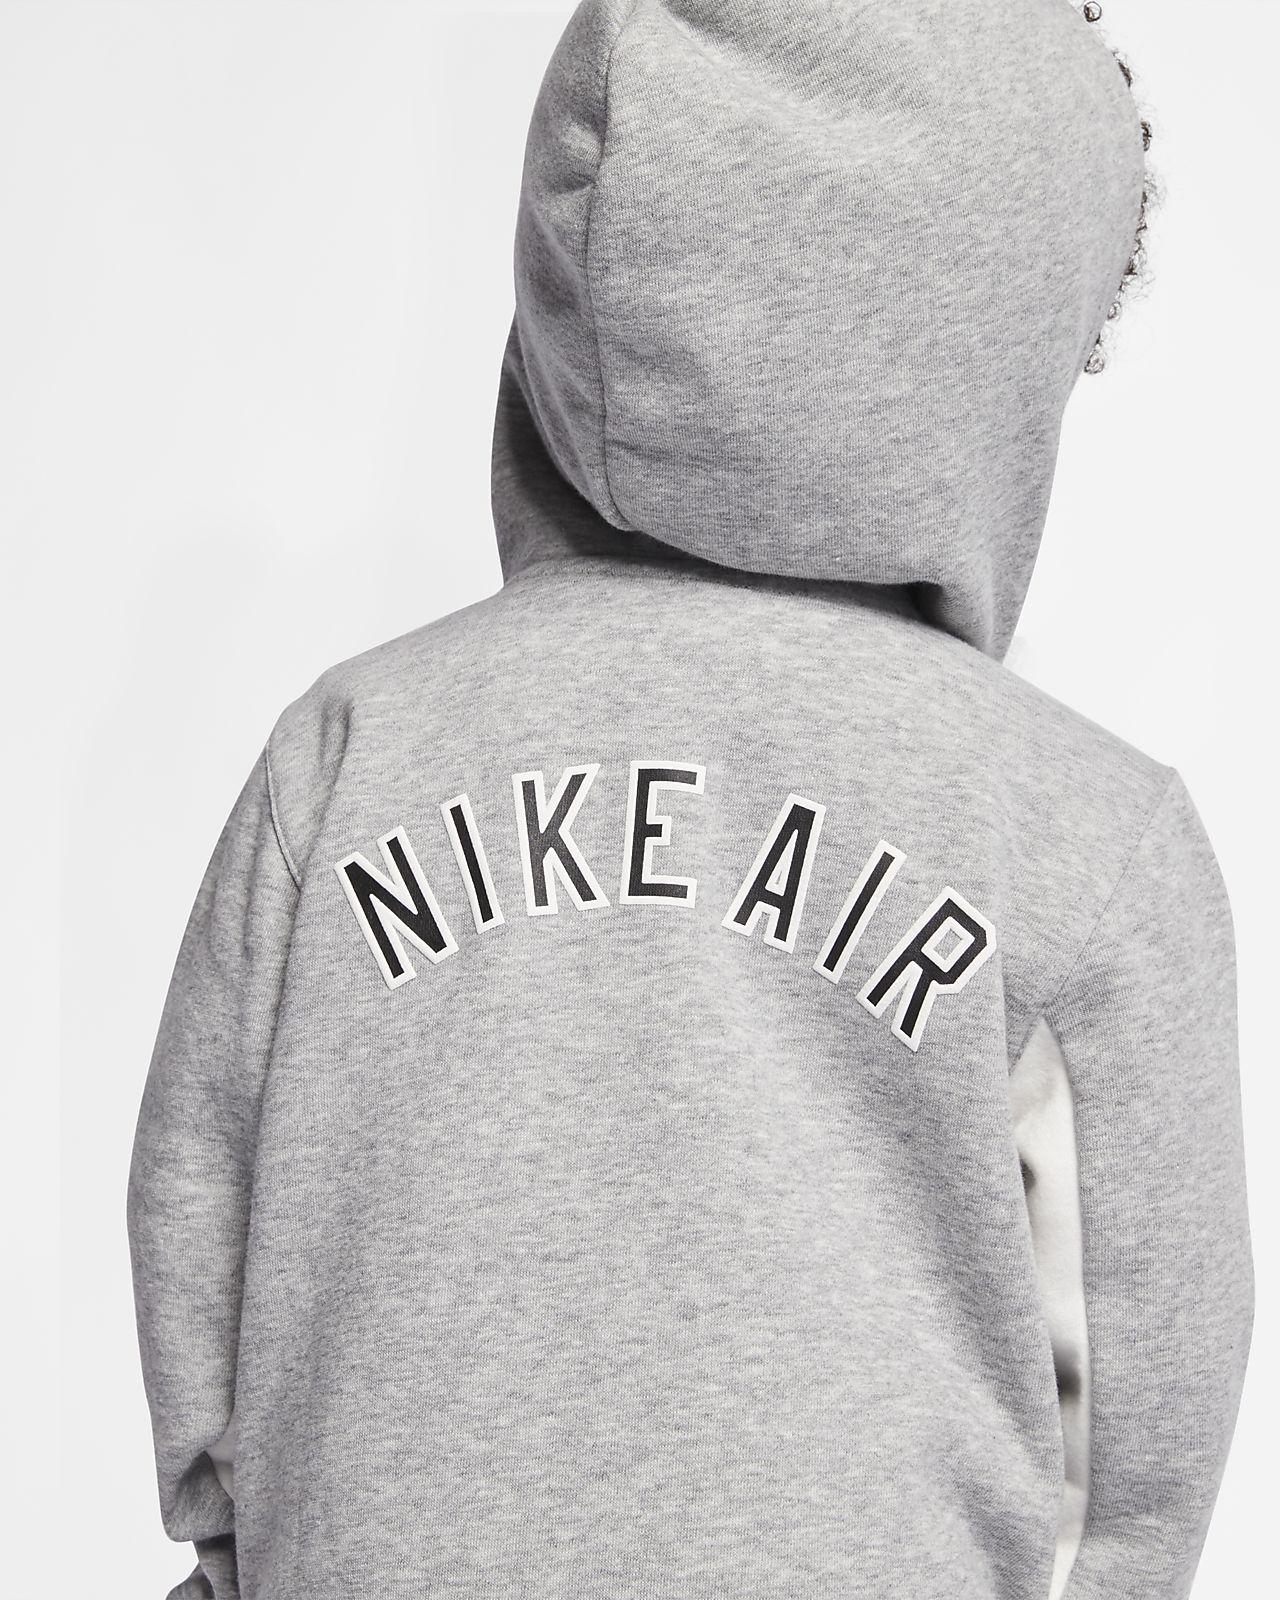 Nike Air fleecehættetrøje med lynlås i fuld længde til små børn. Nike DK